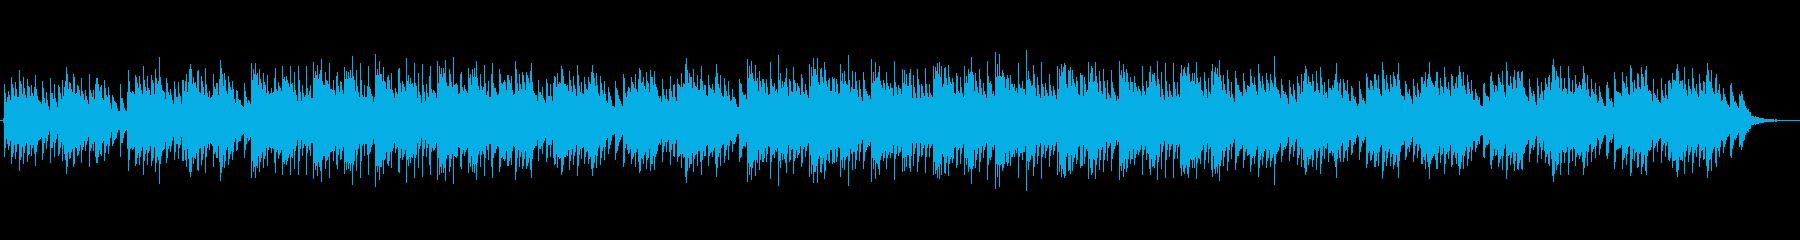 温かい・夢のような・エンディング・ハープの再生済みの波形